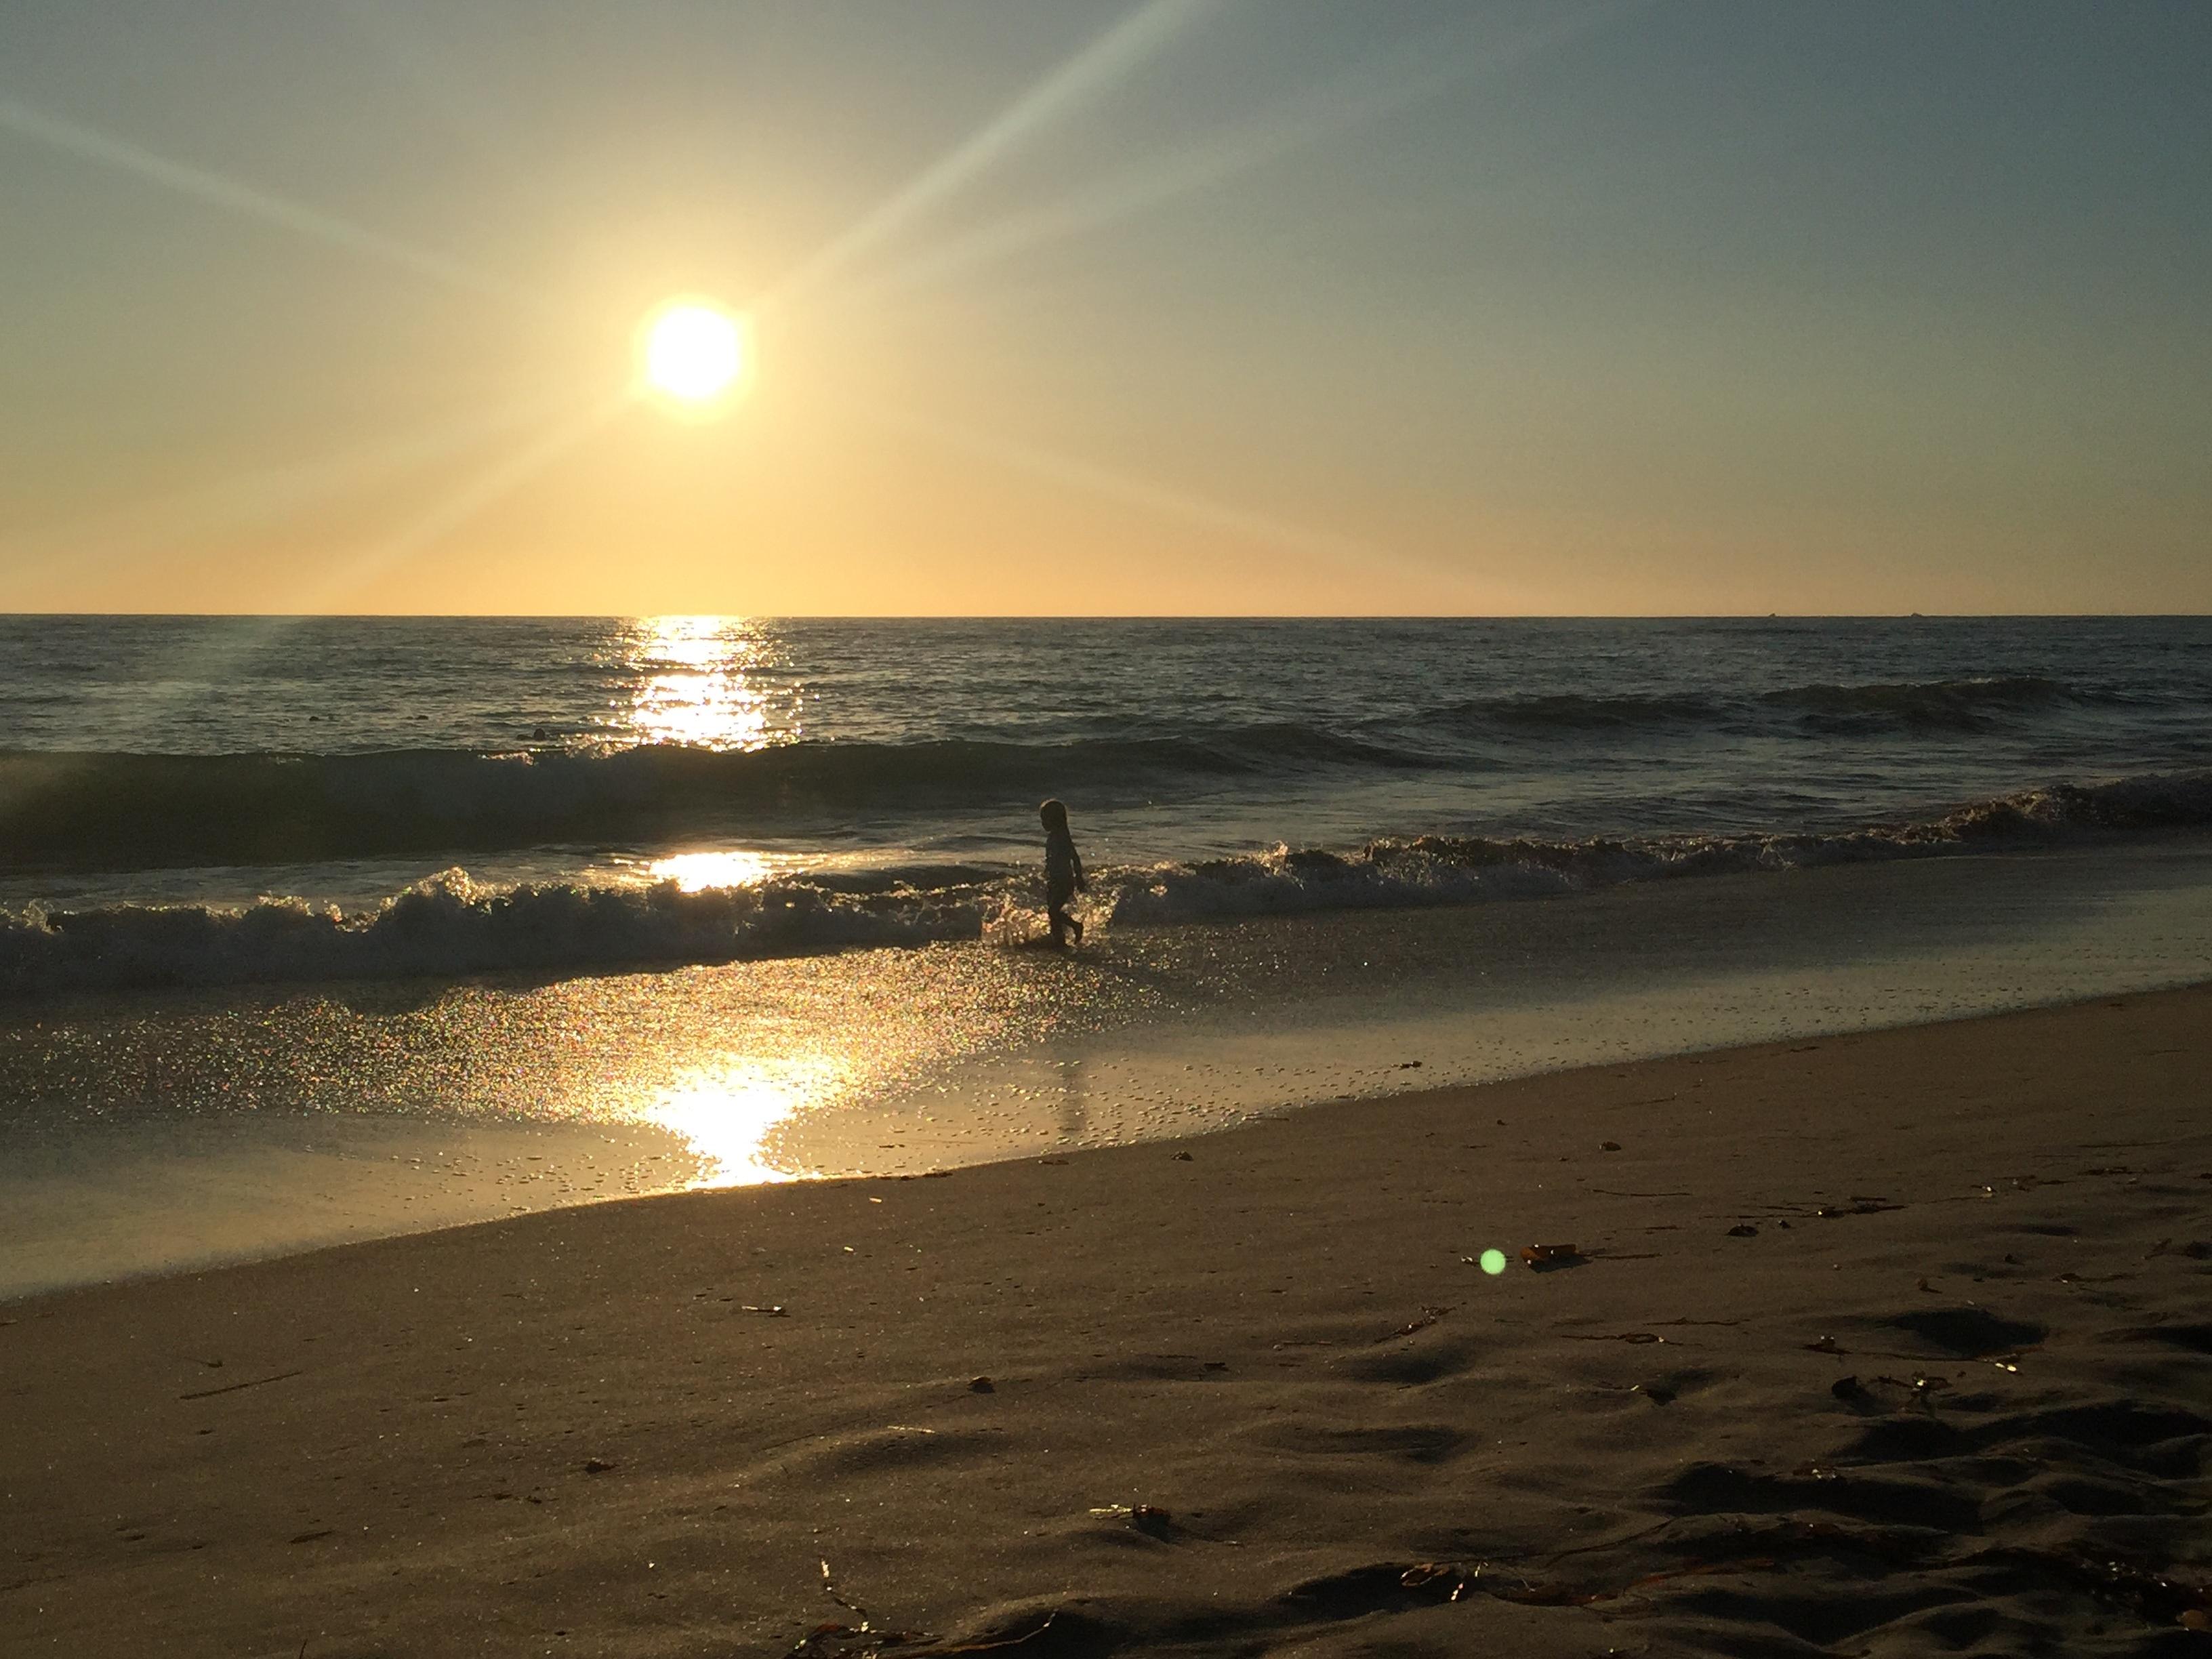 красивые непрофессиональные фото моря монеты чеканятся